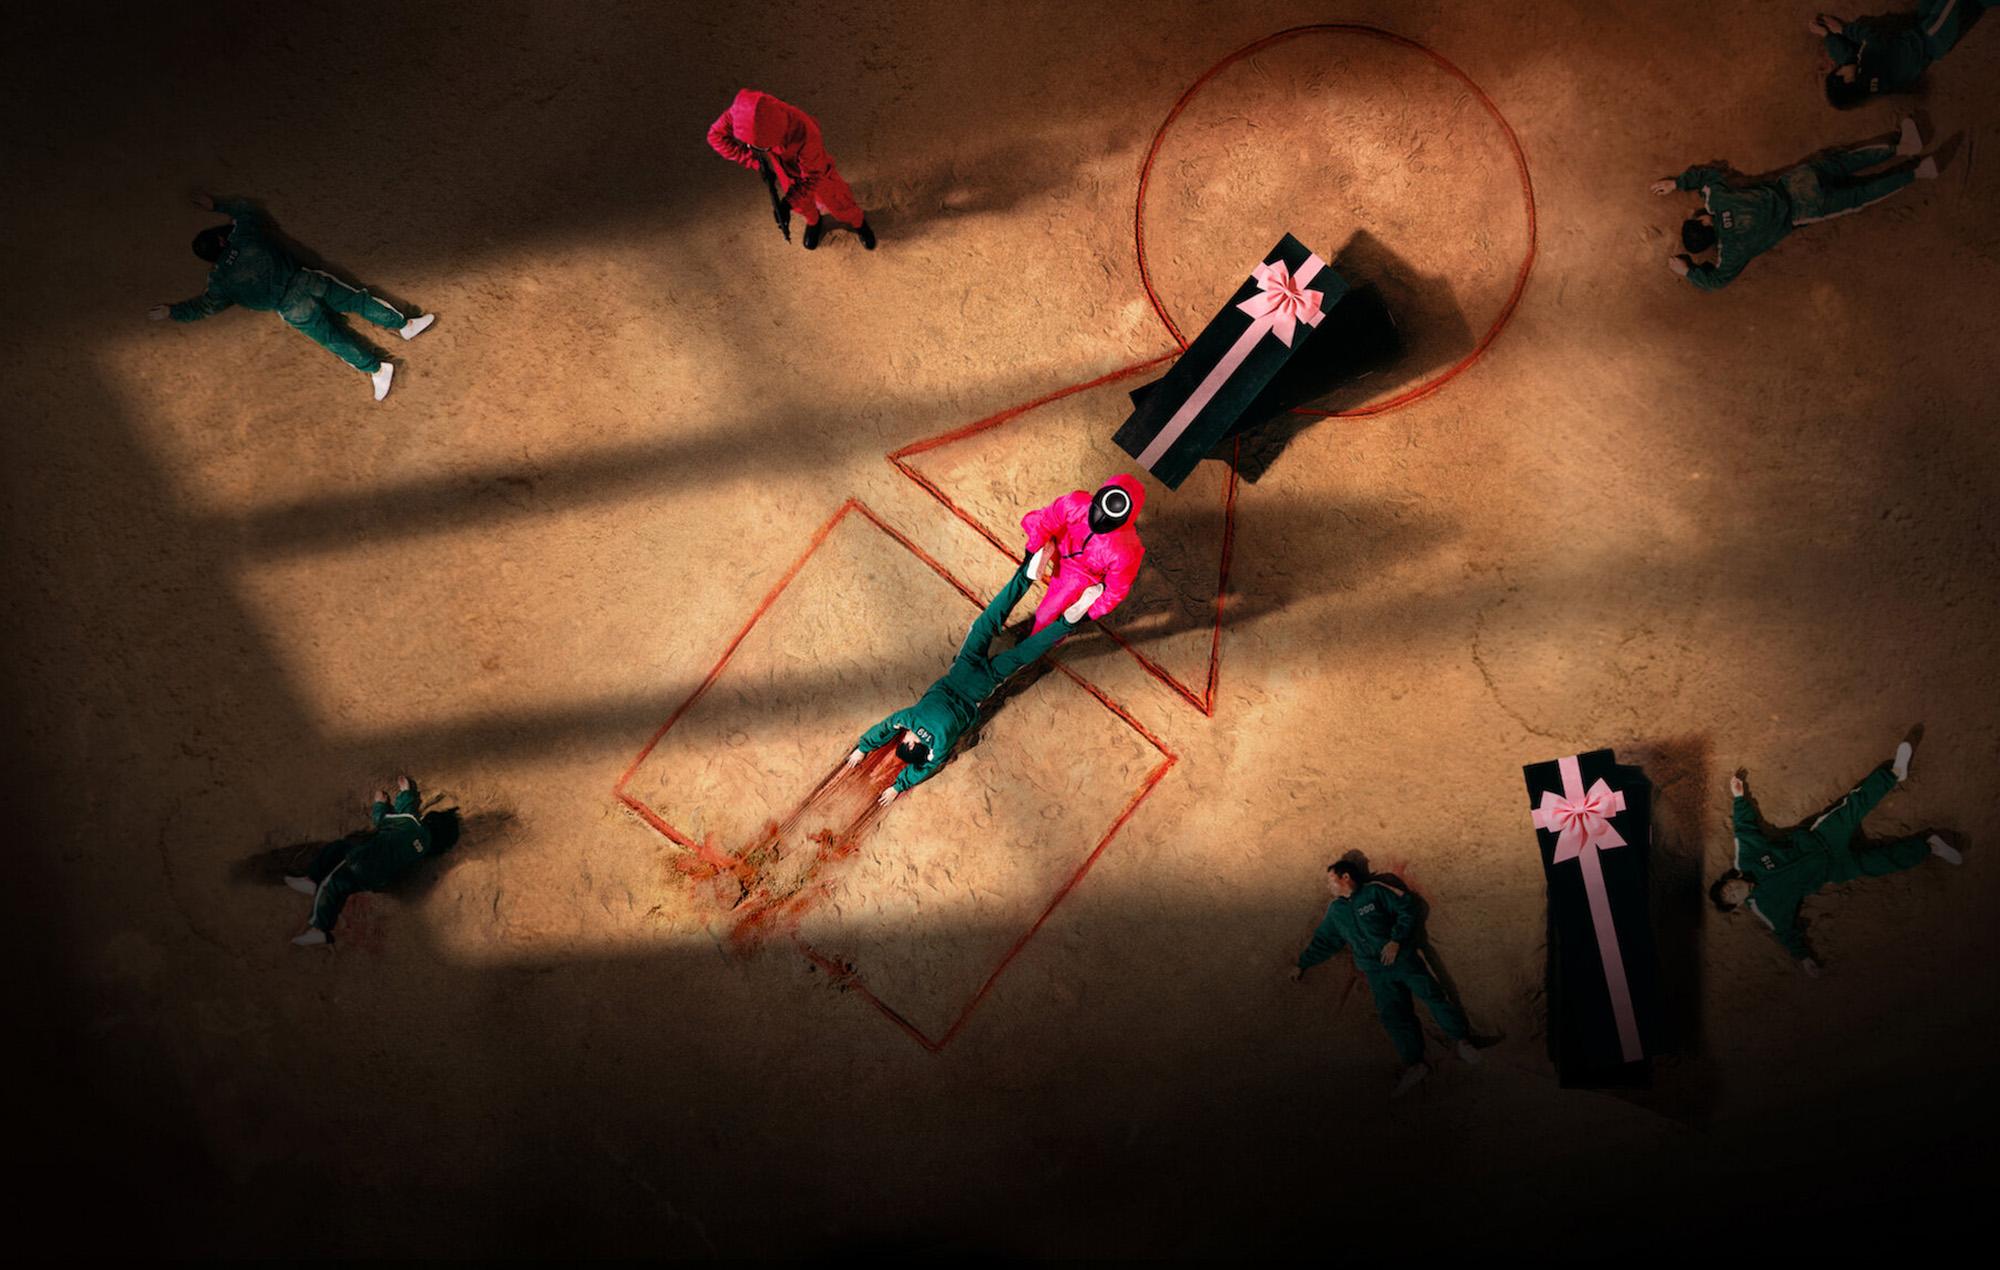 اگر سریال Squid Game از نتفلیکس را تماشا کرده اید، بازی های بی خطر کودکانه می توانند معنایی کاملاً جدید برای شما داشته باشند.